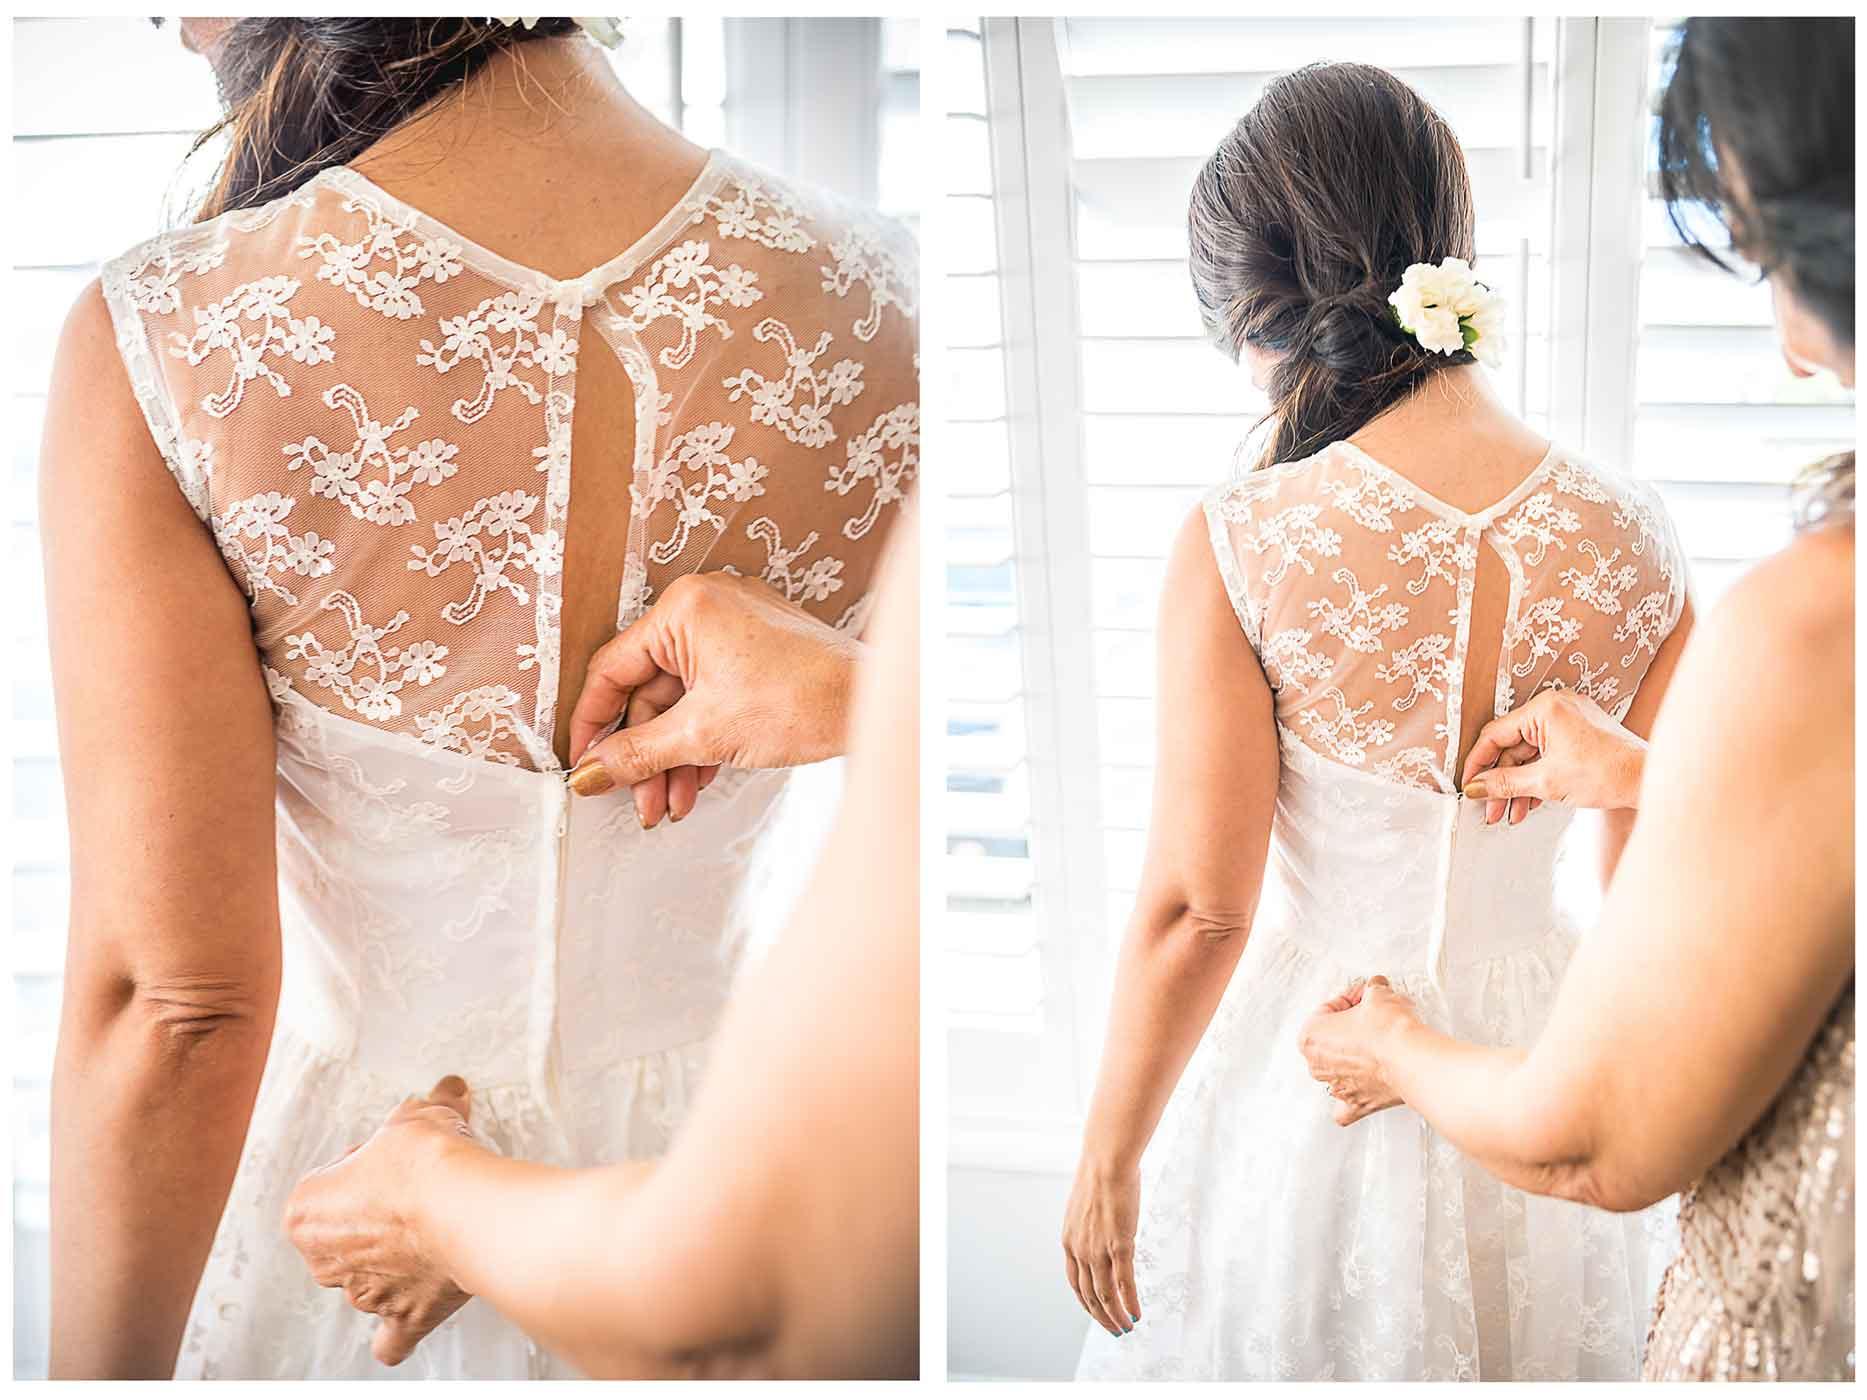 smlNahal-+-Joe-Wedding---Aug-2015-38.jpg